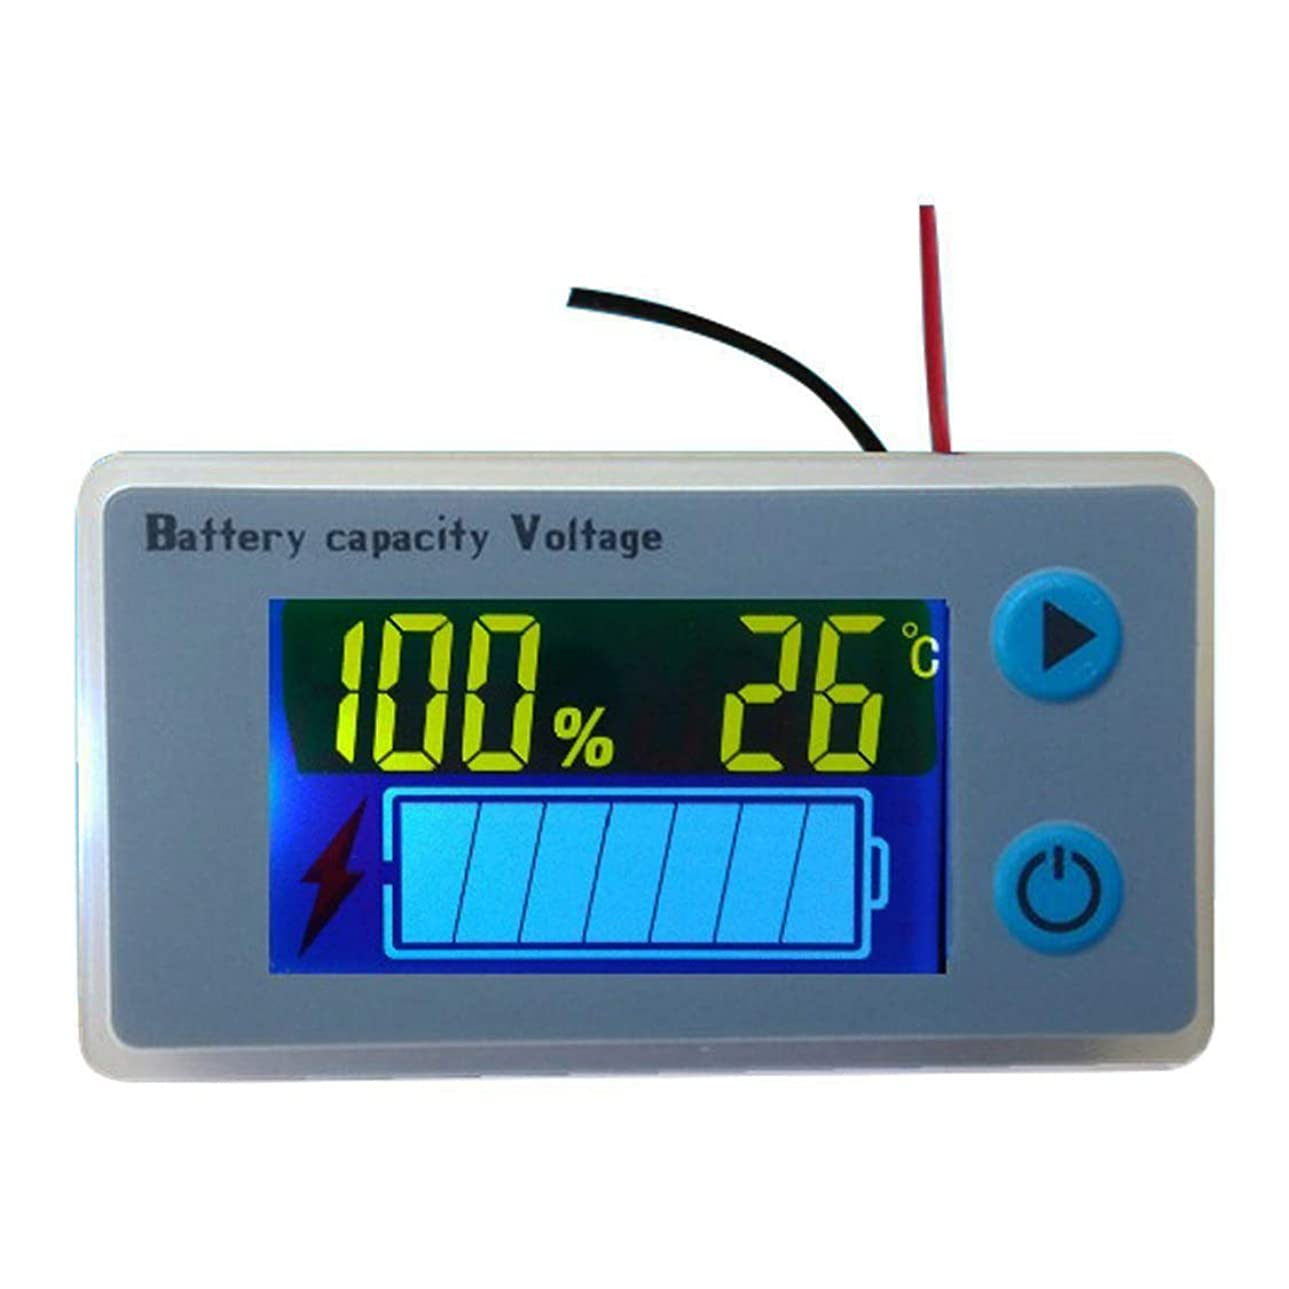 ベックス仮説辞任するデジタル電圧計 バッテリー残量測定 温度表示機能 電圧モニター 12Vセットアップ済